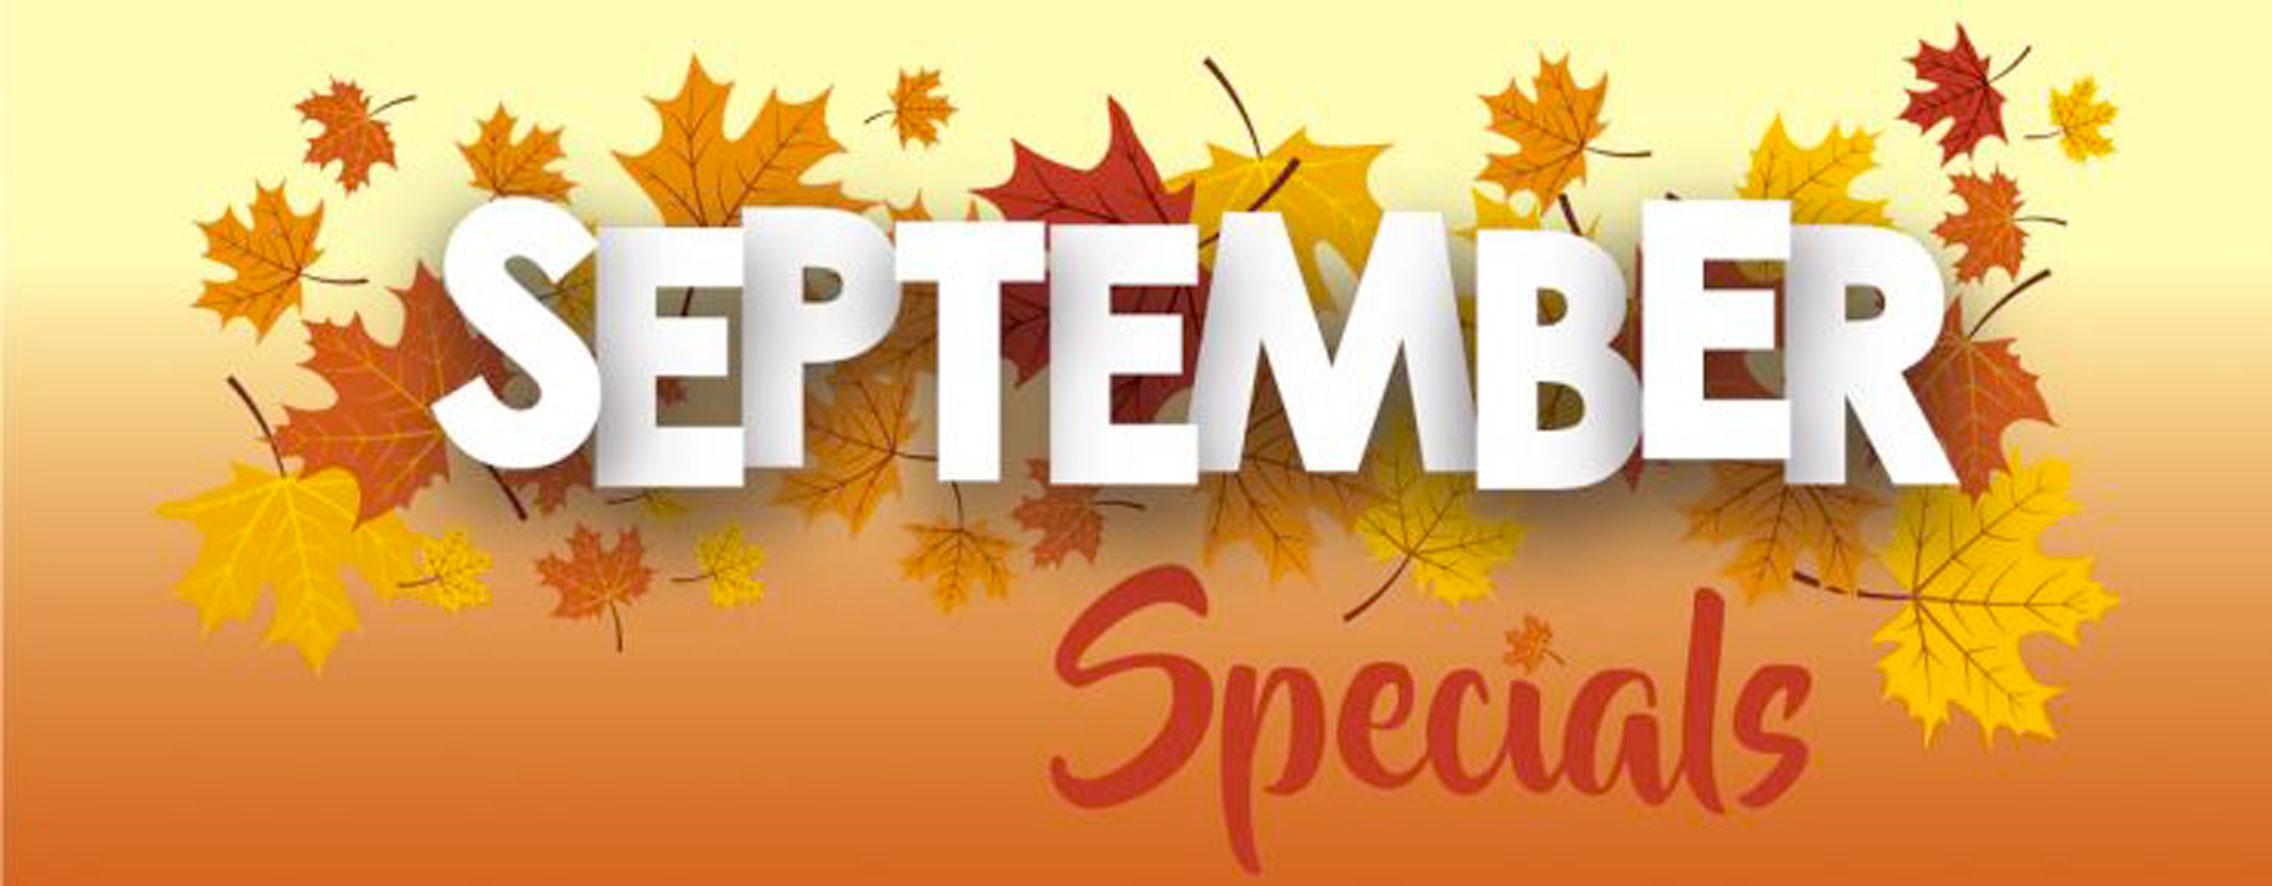 september spa specials